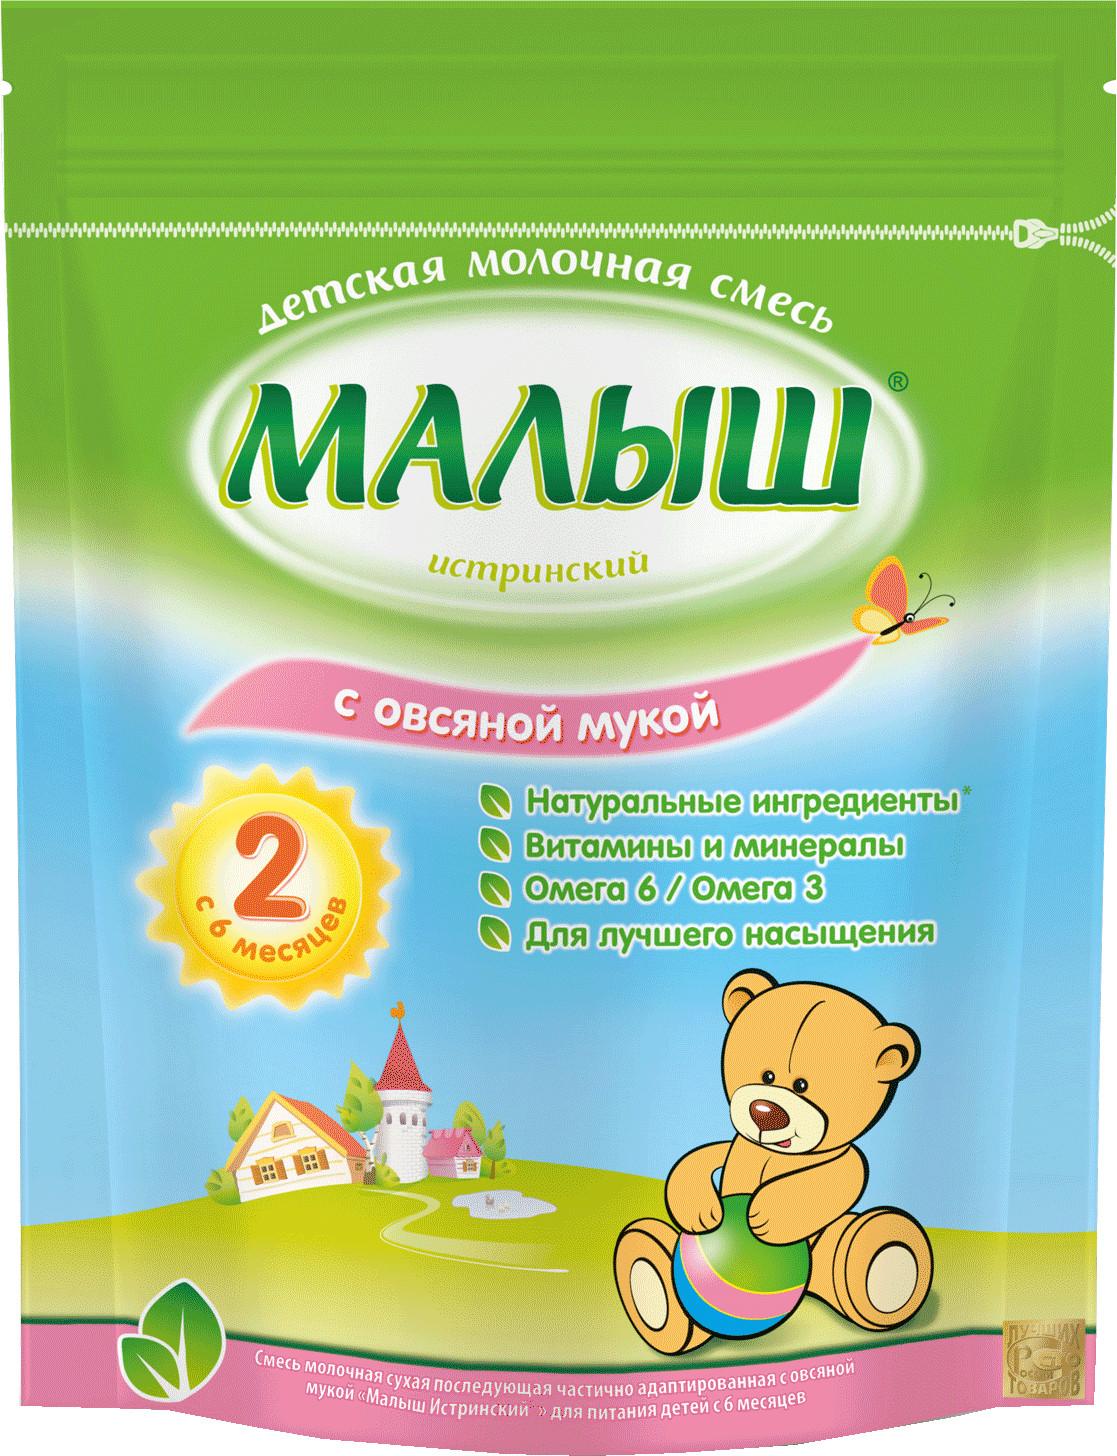 Молочная смесь Nutricia Малыш Истринский (Nutricia) 2 с овсяной мукой с 6 месяцев 350 г малыш истринский молочная смесь с овсяной мукой с 6 месяцев 350 г